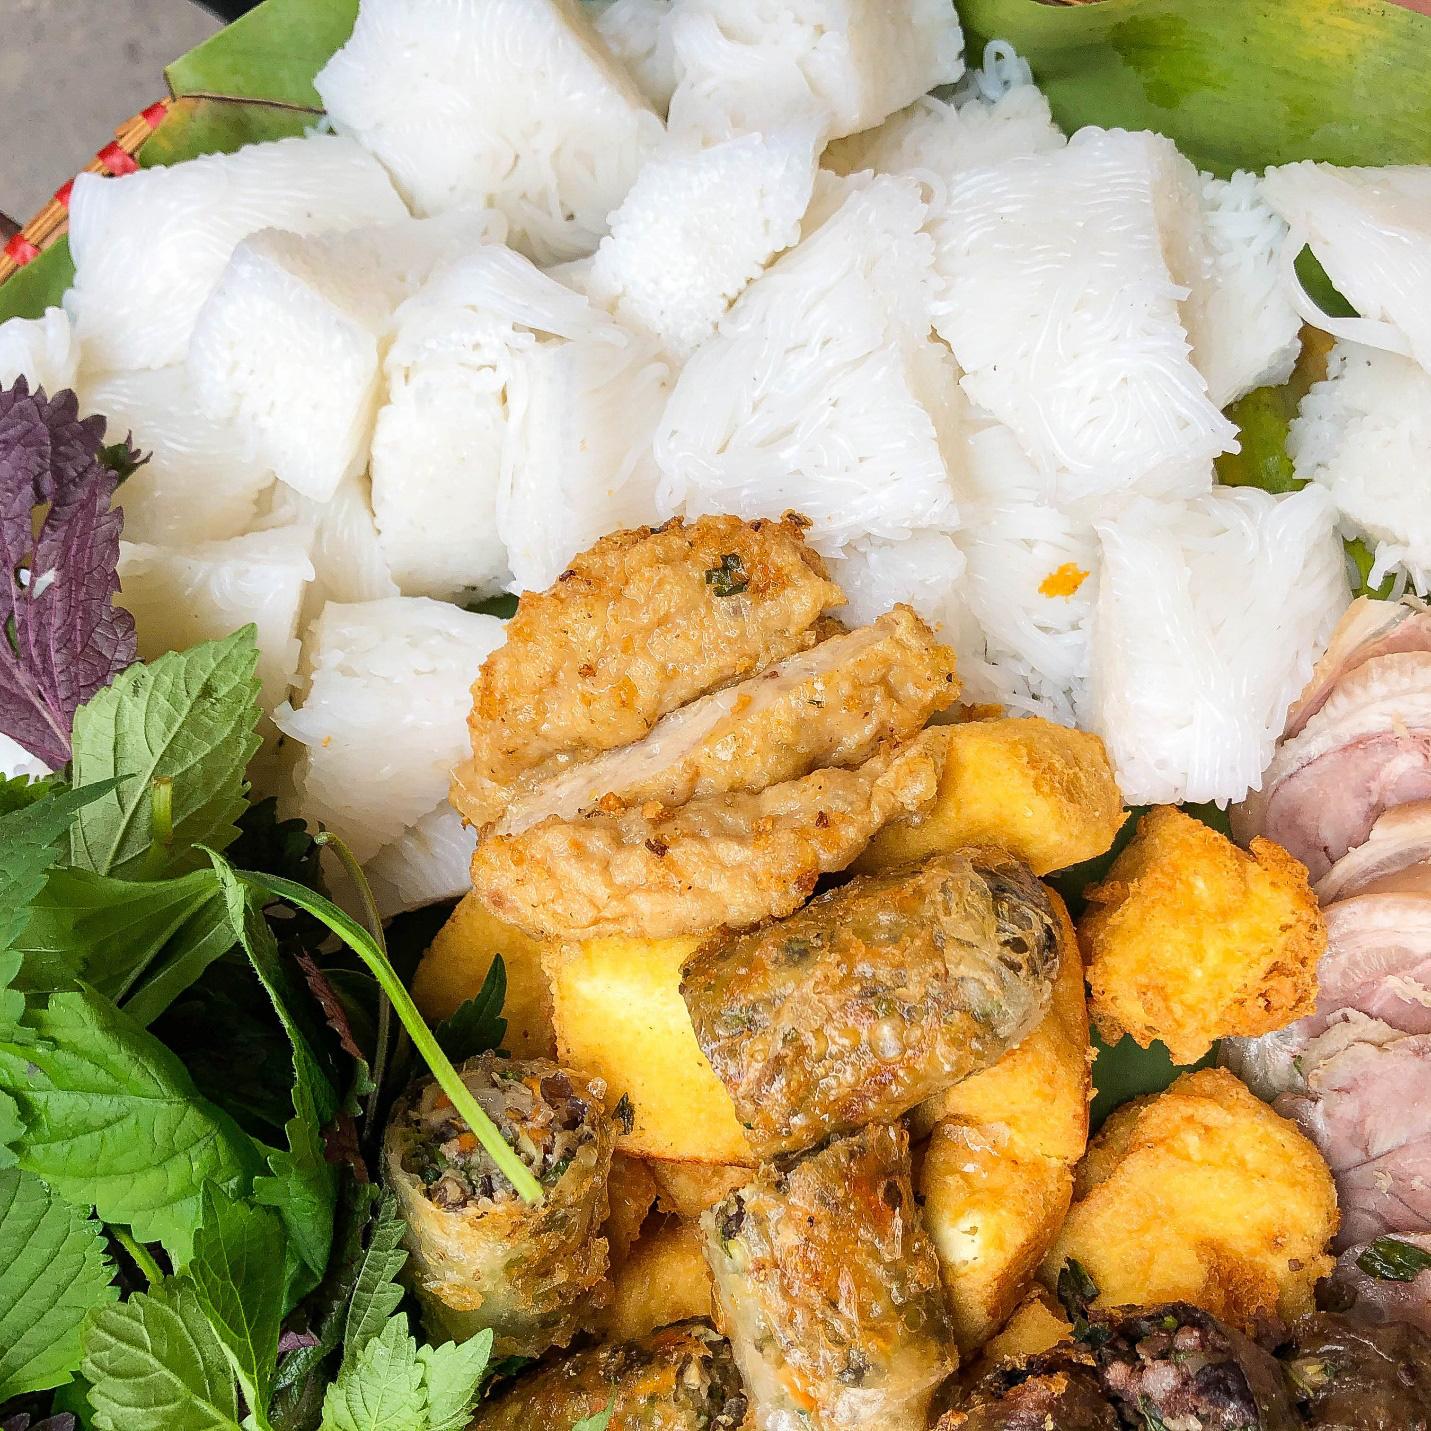 Địa chỉ cho hội sành ăn - Bún đậu mắm tôm Trần Thái Tông - Ảnh 2.